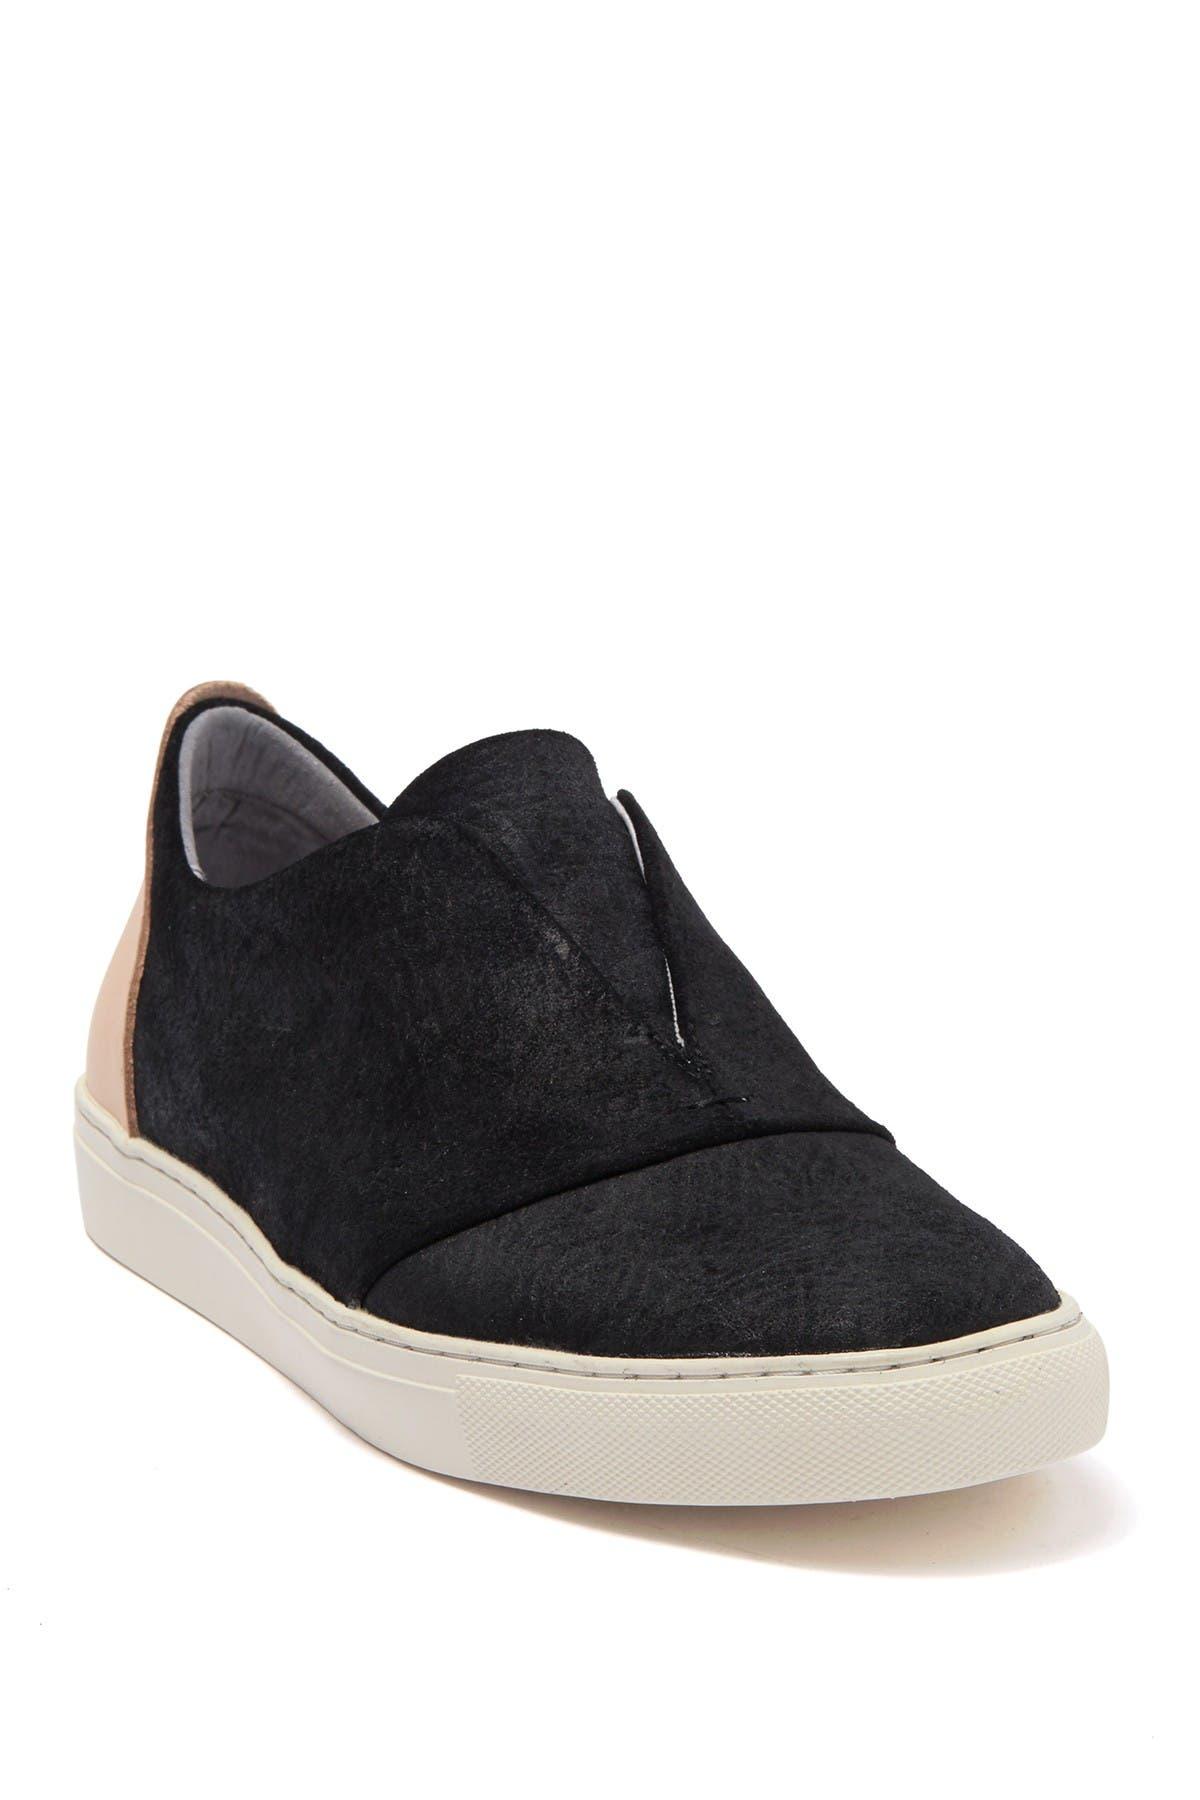 Image of TCG Antigua Slip-On Sneaker